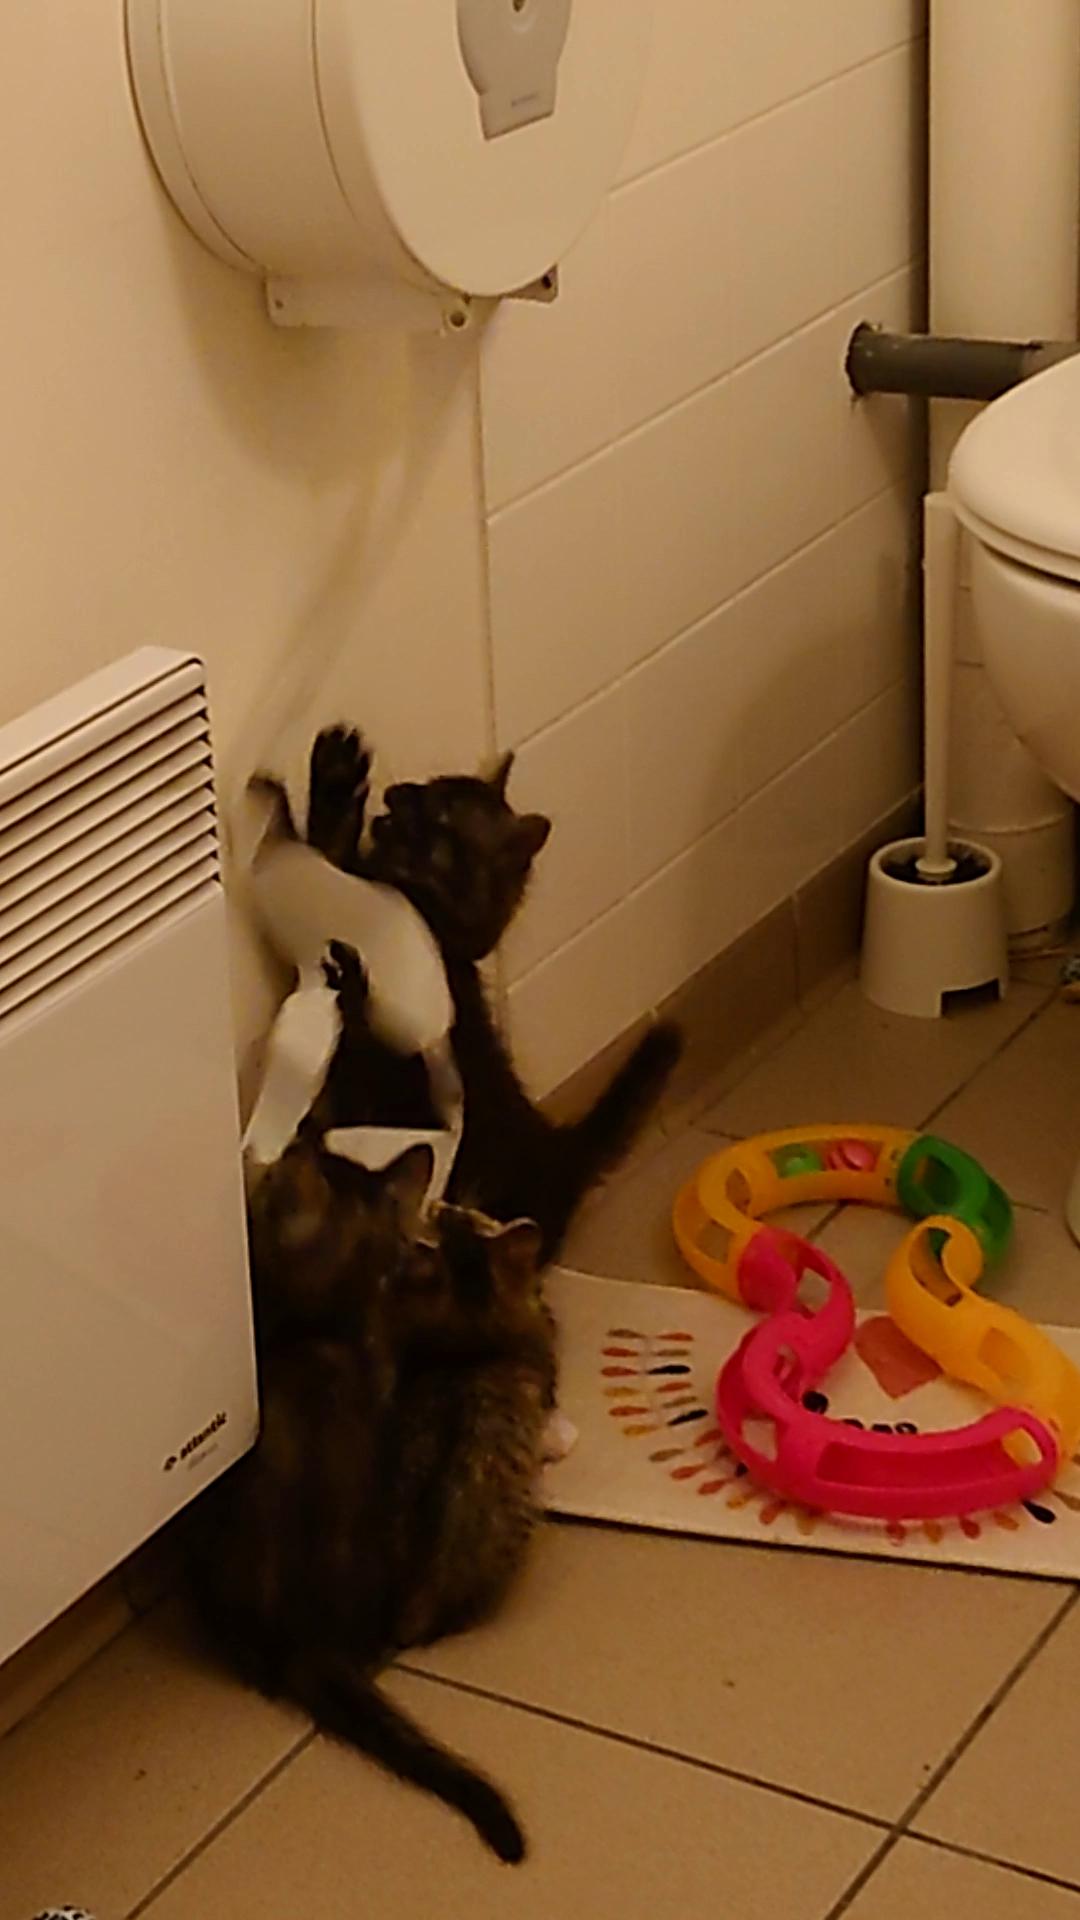 Le papier toilette... c'est chouette !